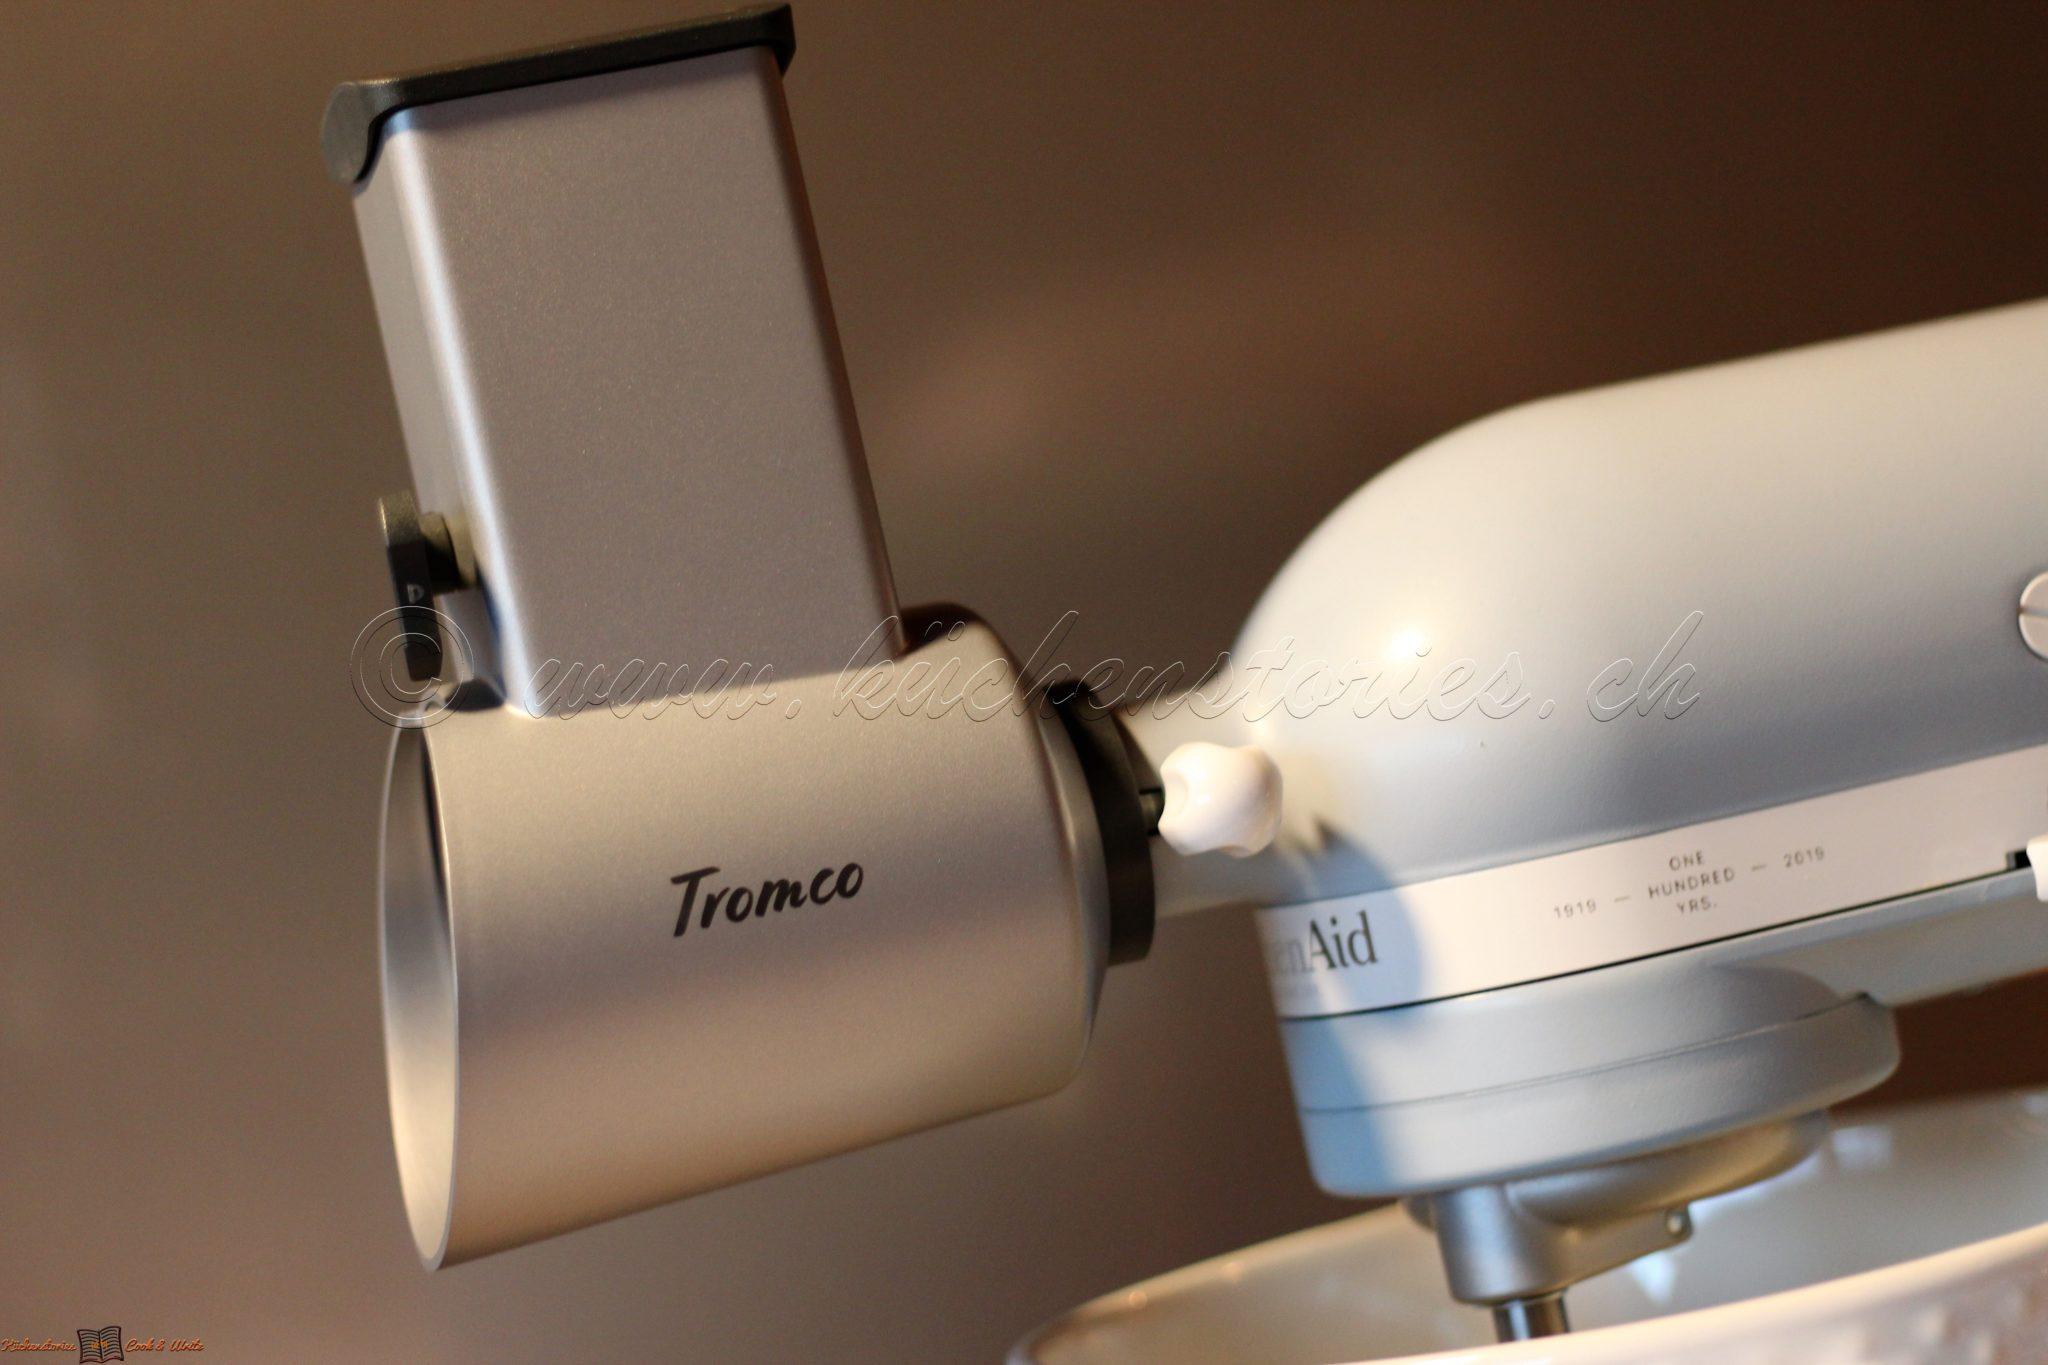 Tromco-Raffelvorsätze und Trommeln